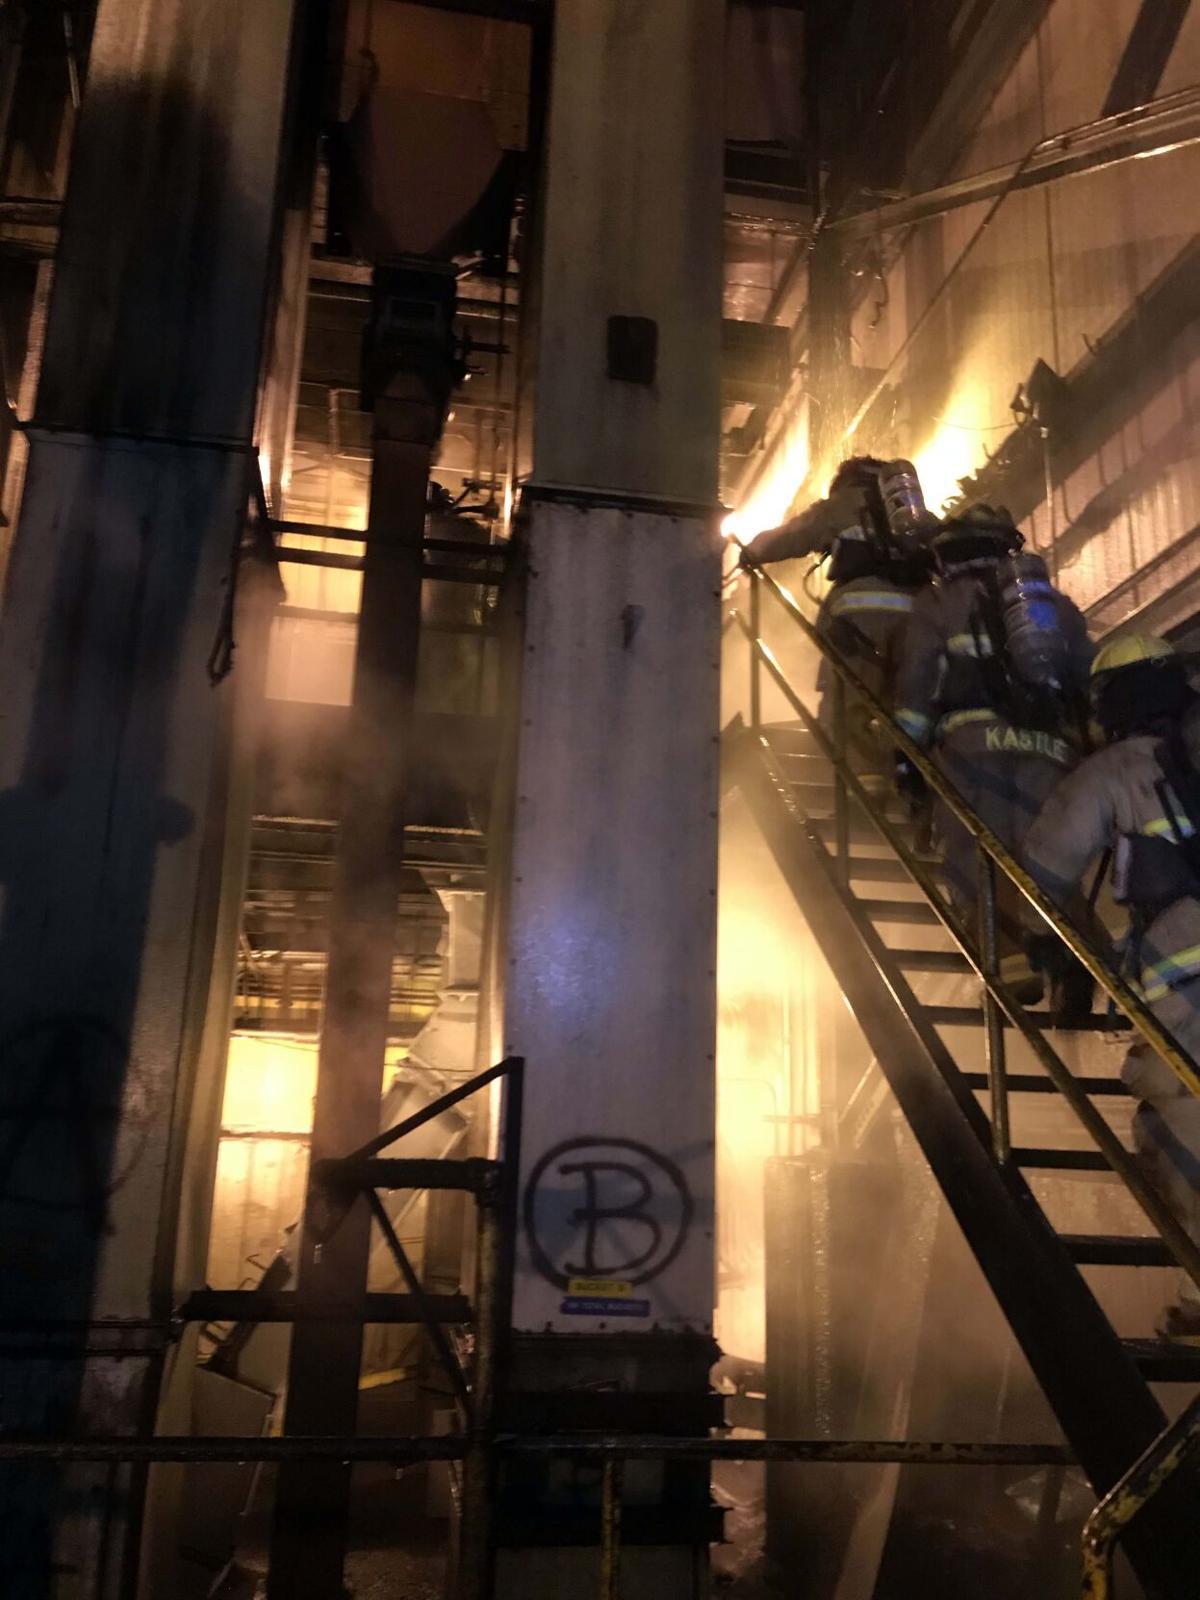 Coal dust fire